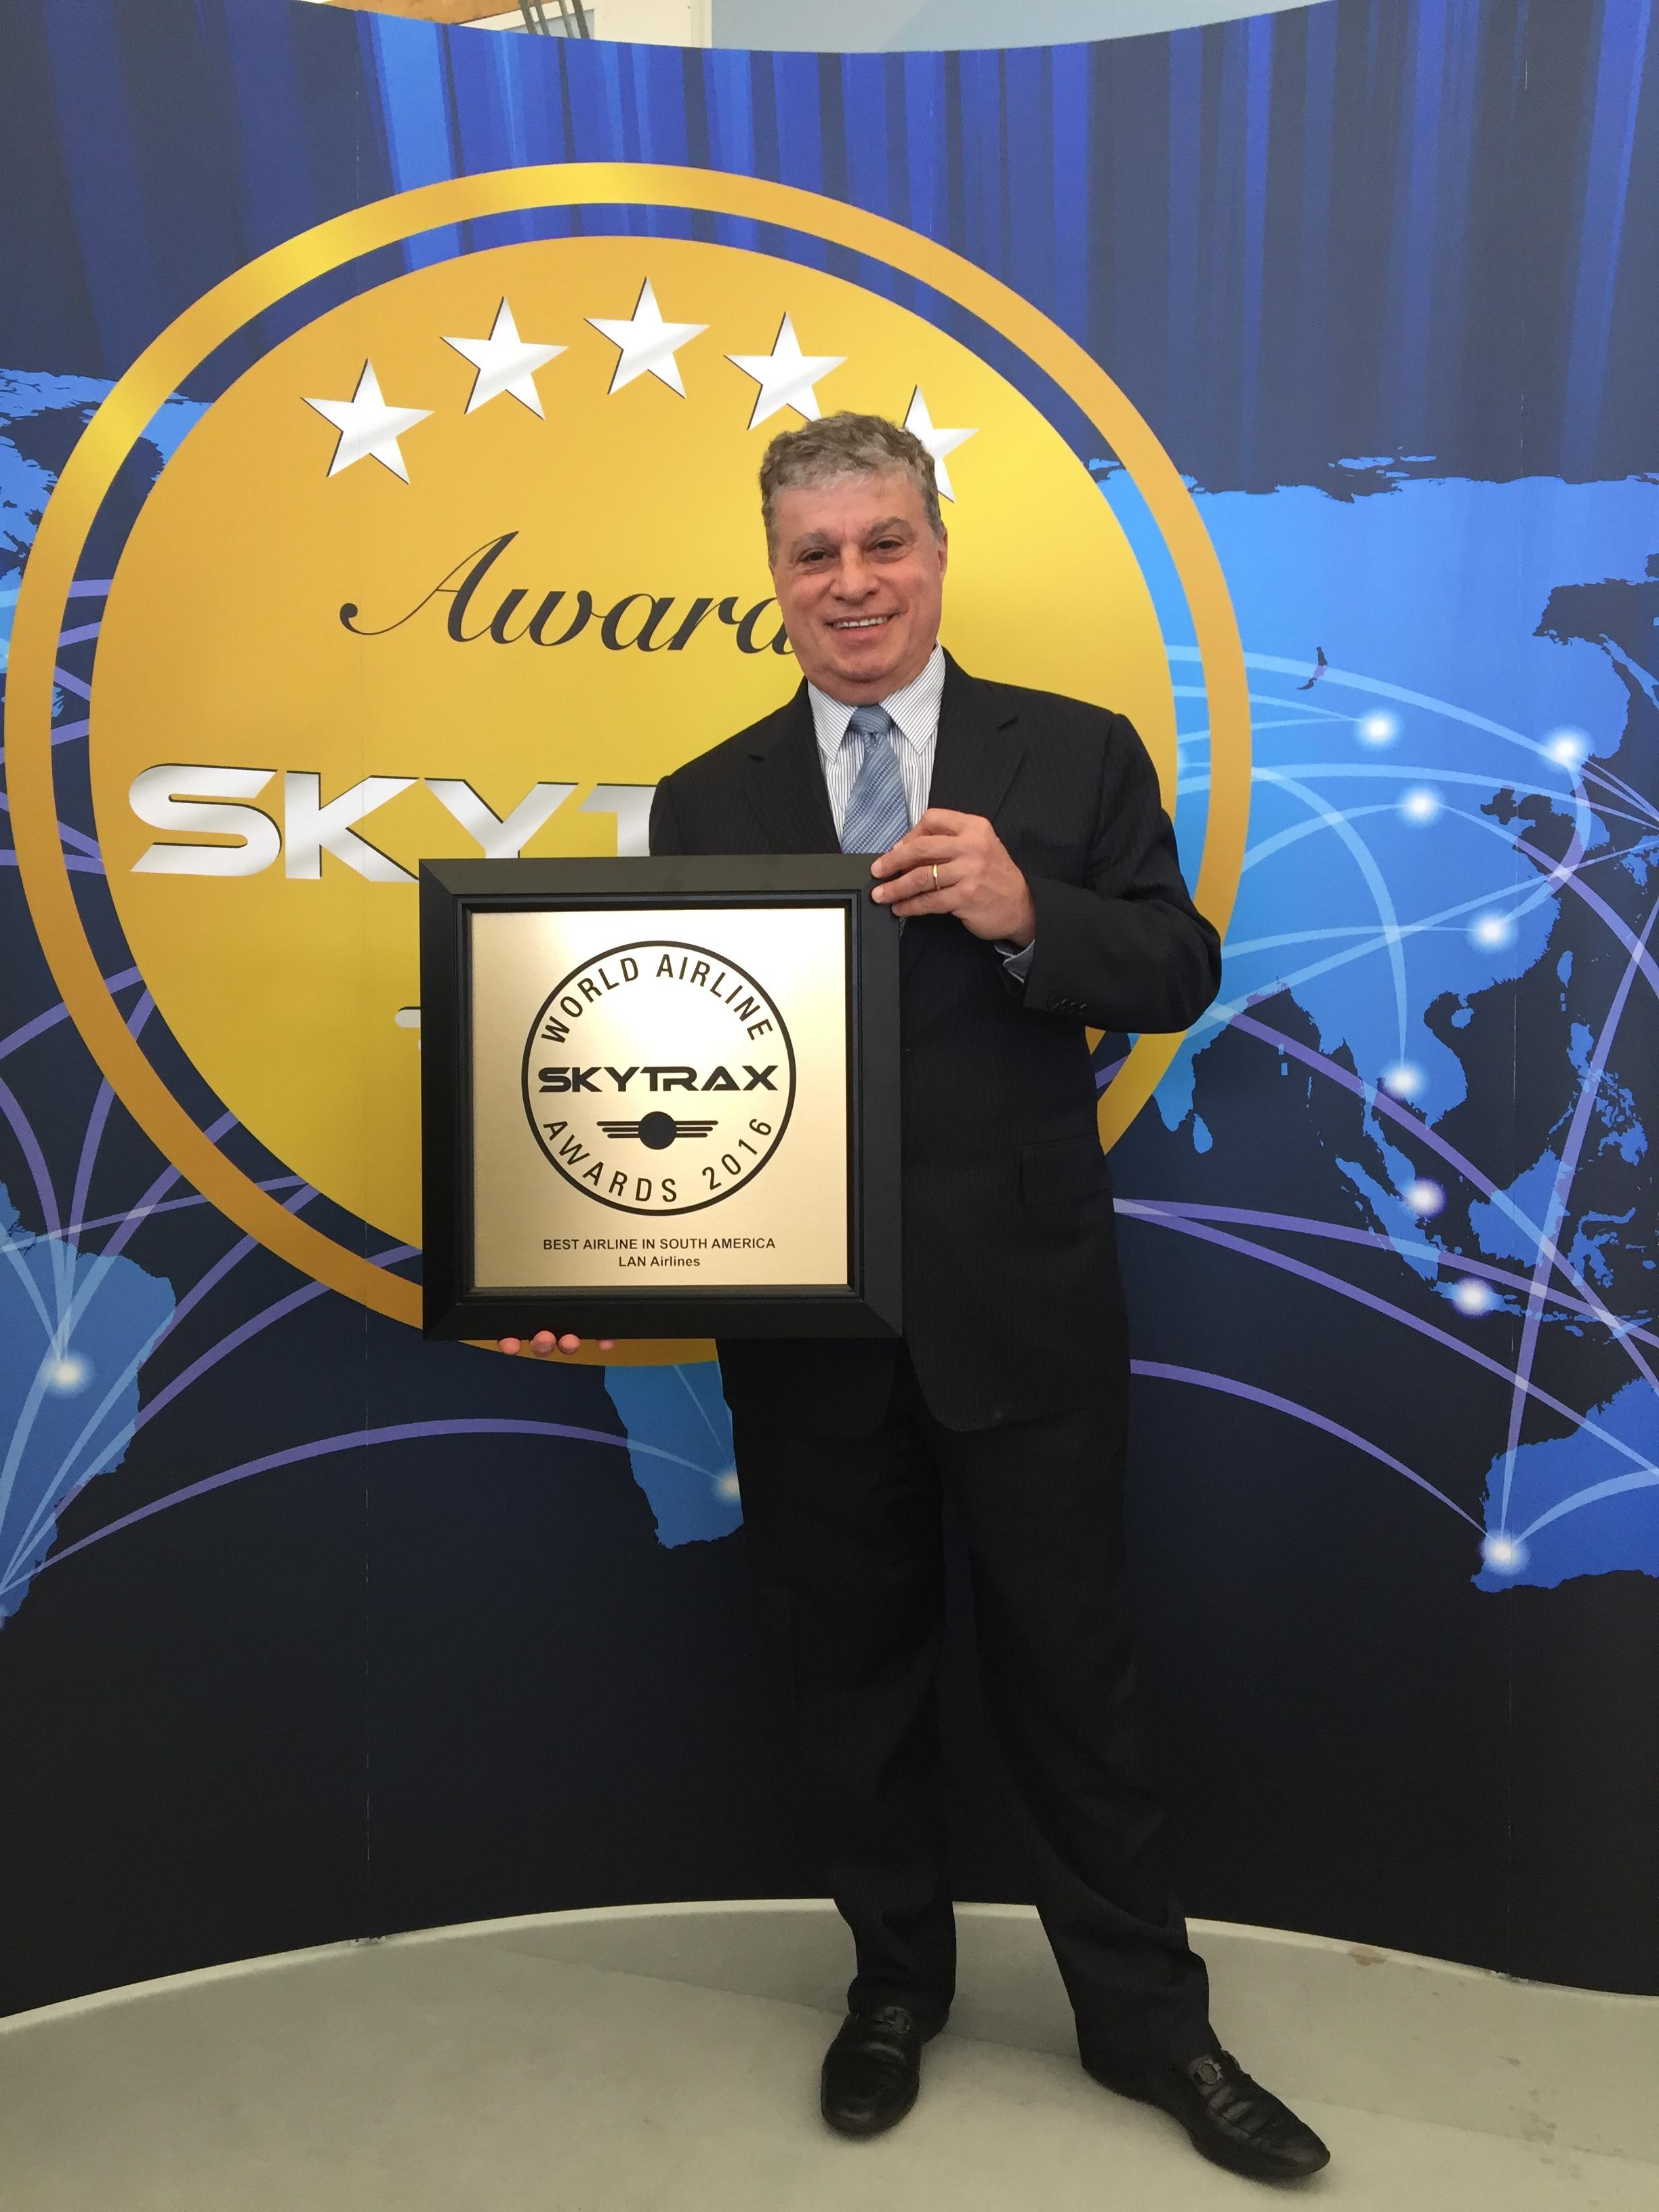 José Maluf VP Flota Grupo LATAM Airlines recibe el premio Mejor Aerolínea de Sudamérica por Skytrax 1